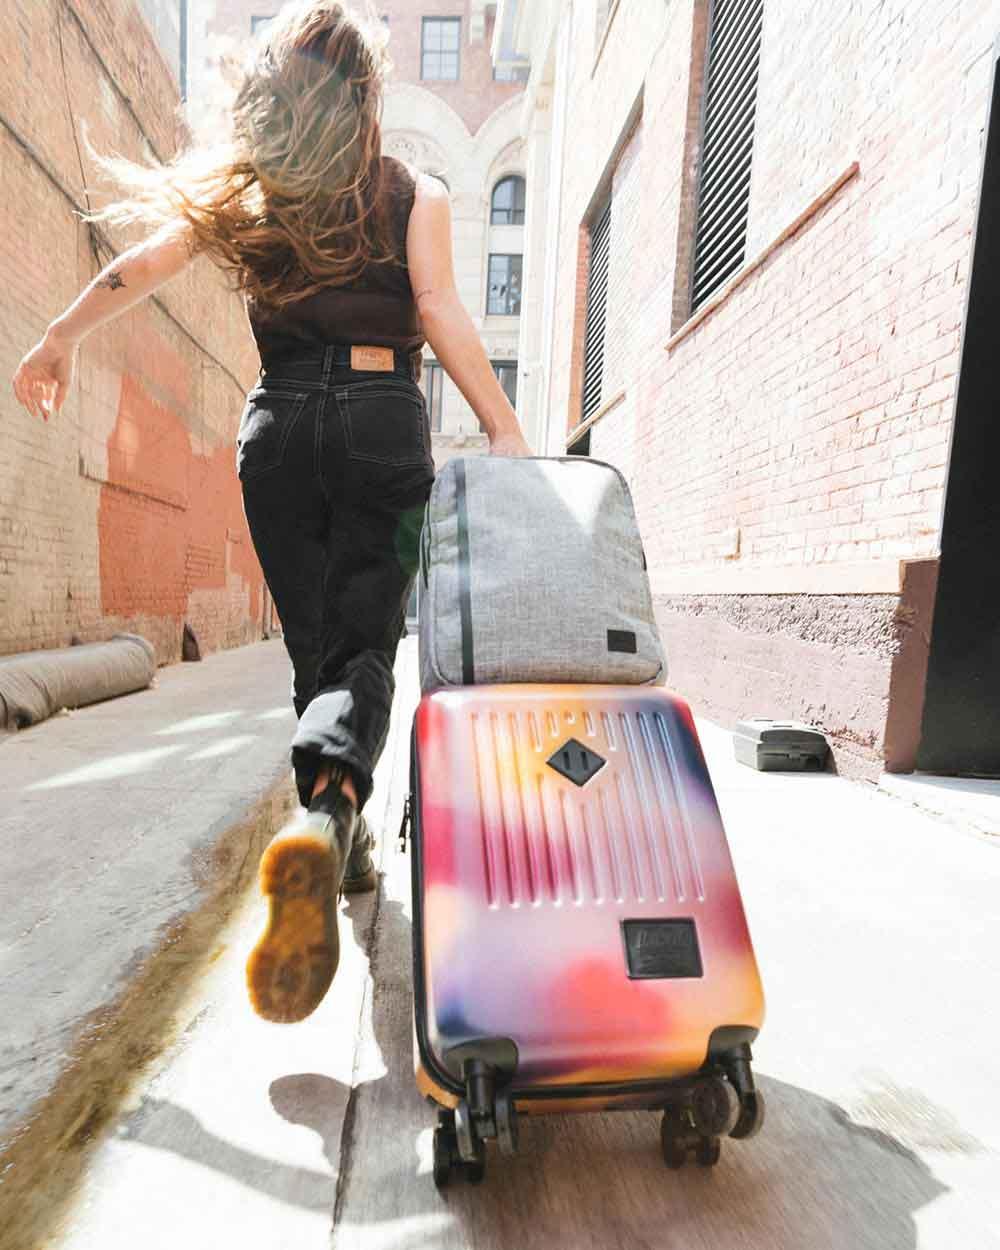 Une femme court dans une ruelle en tirant sa valise bagage à main Trade taille large motif dégradé Windsor Wine/Orange avec un sac à dos de voyage Raven Crosshatch sur le dessus.